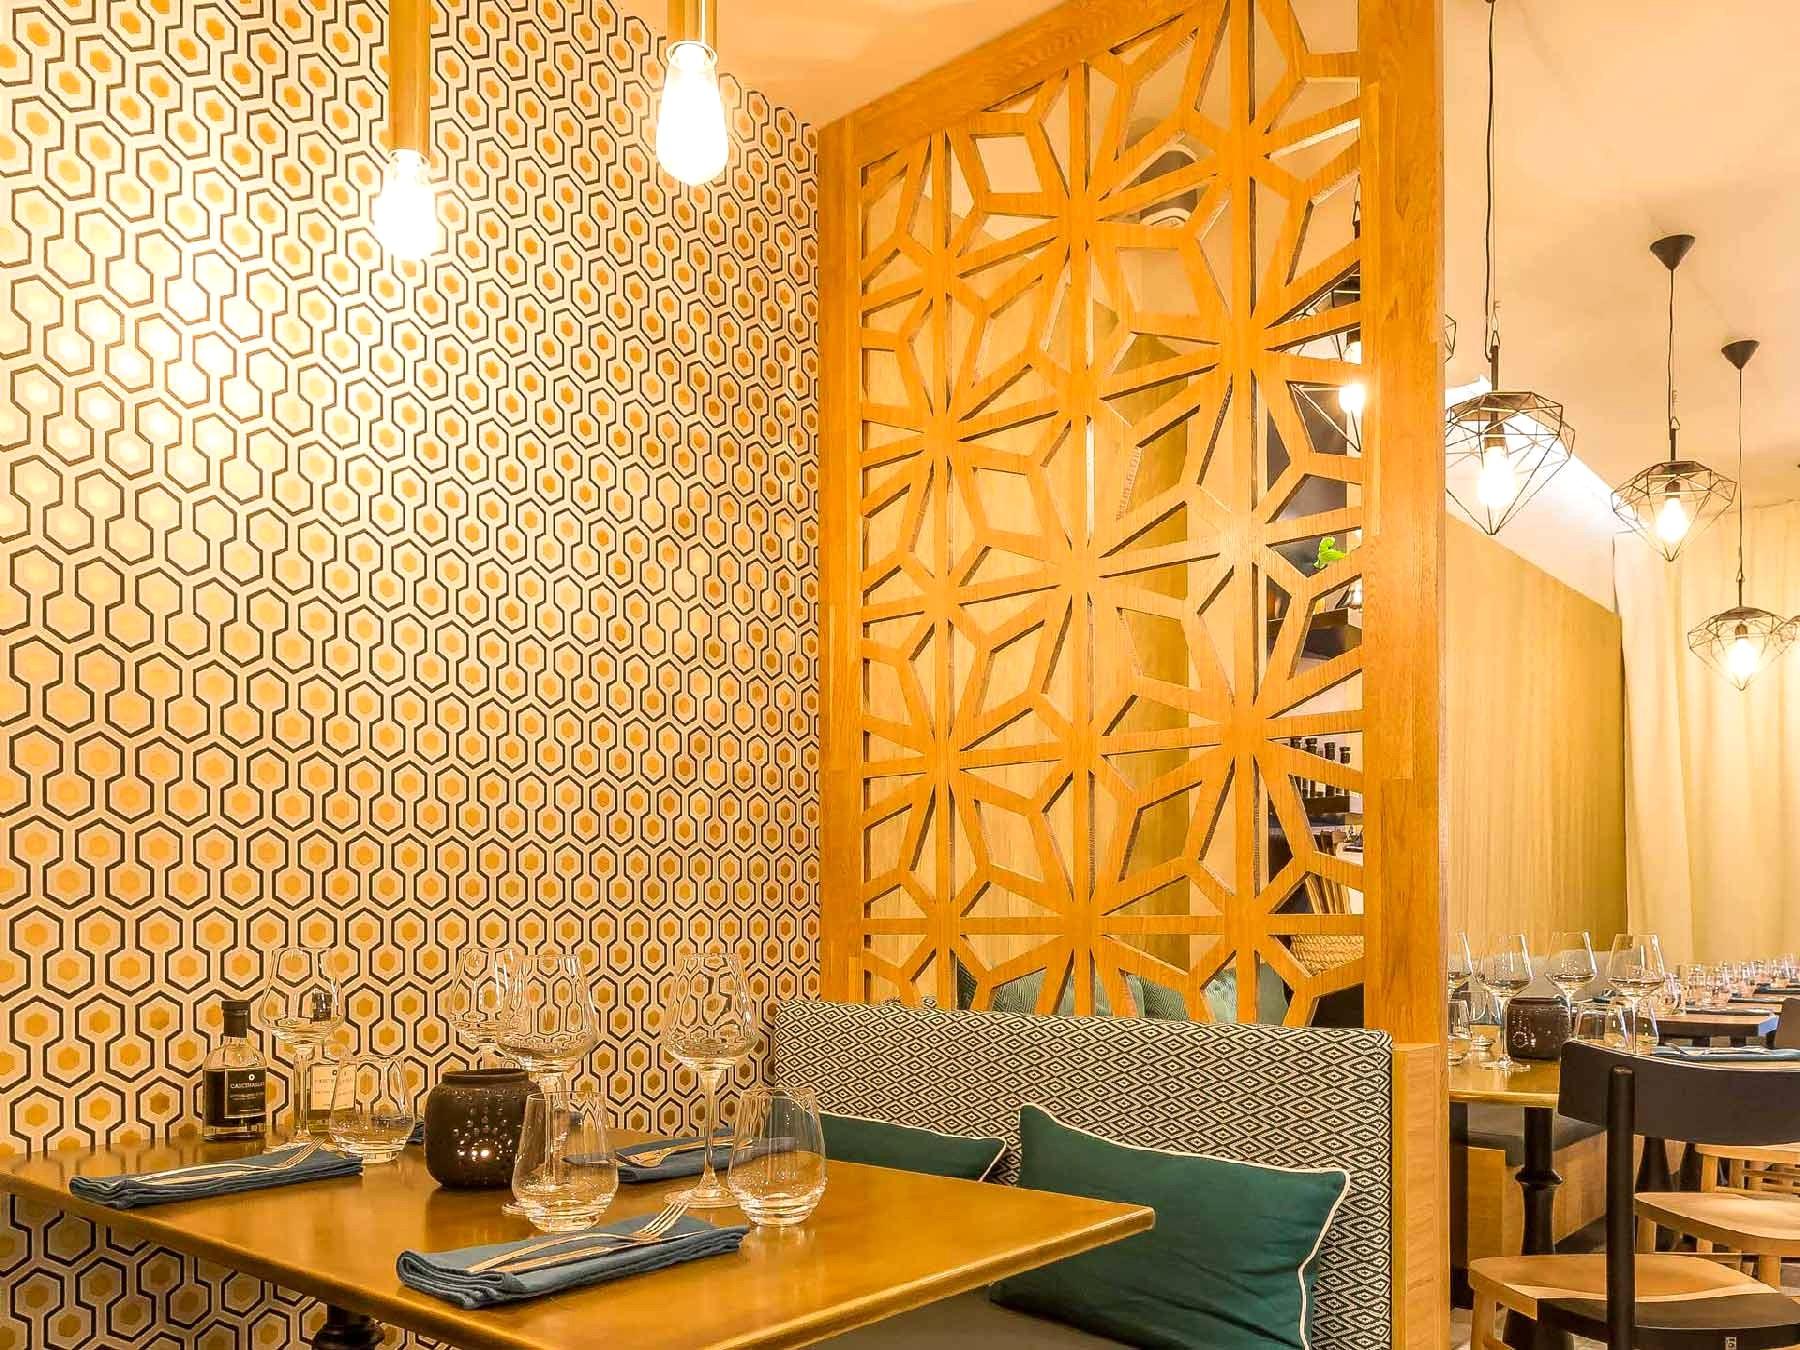 claustra deco bois separation espace motif